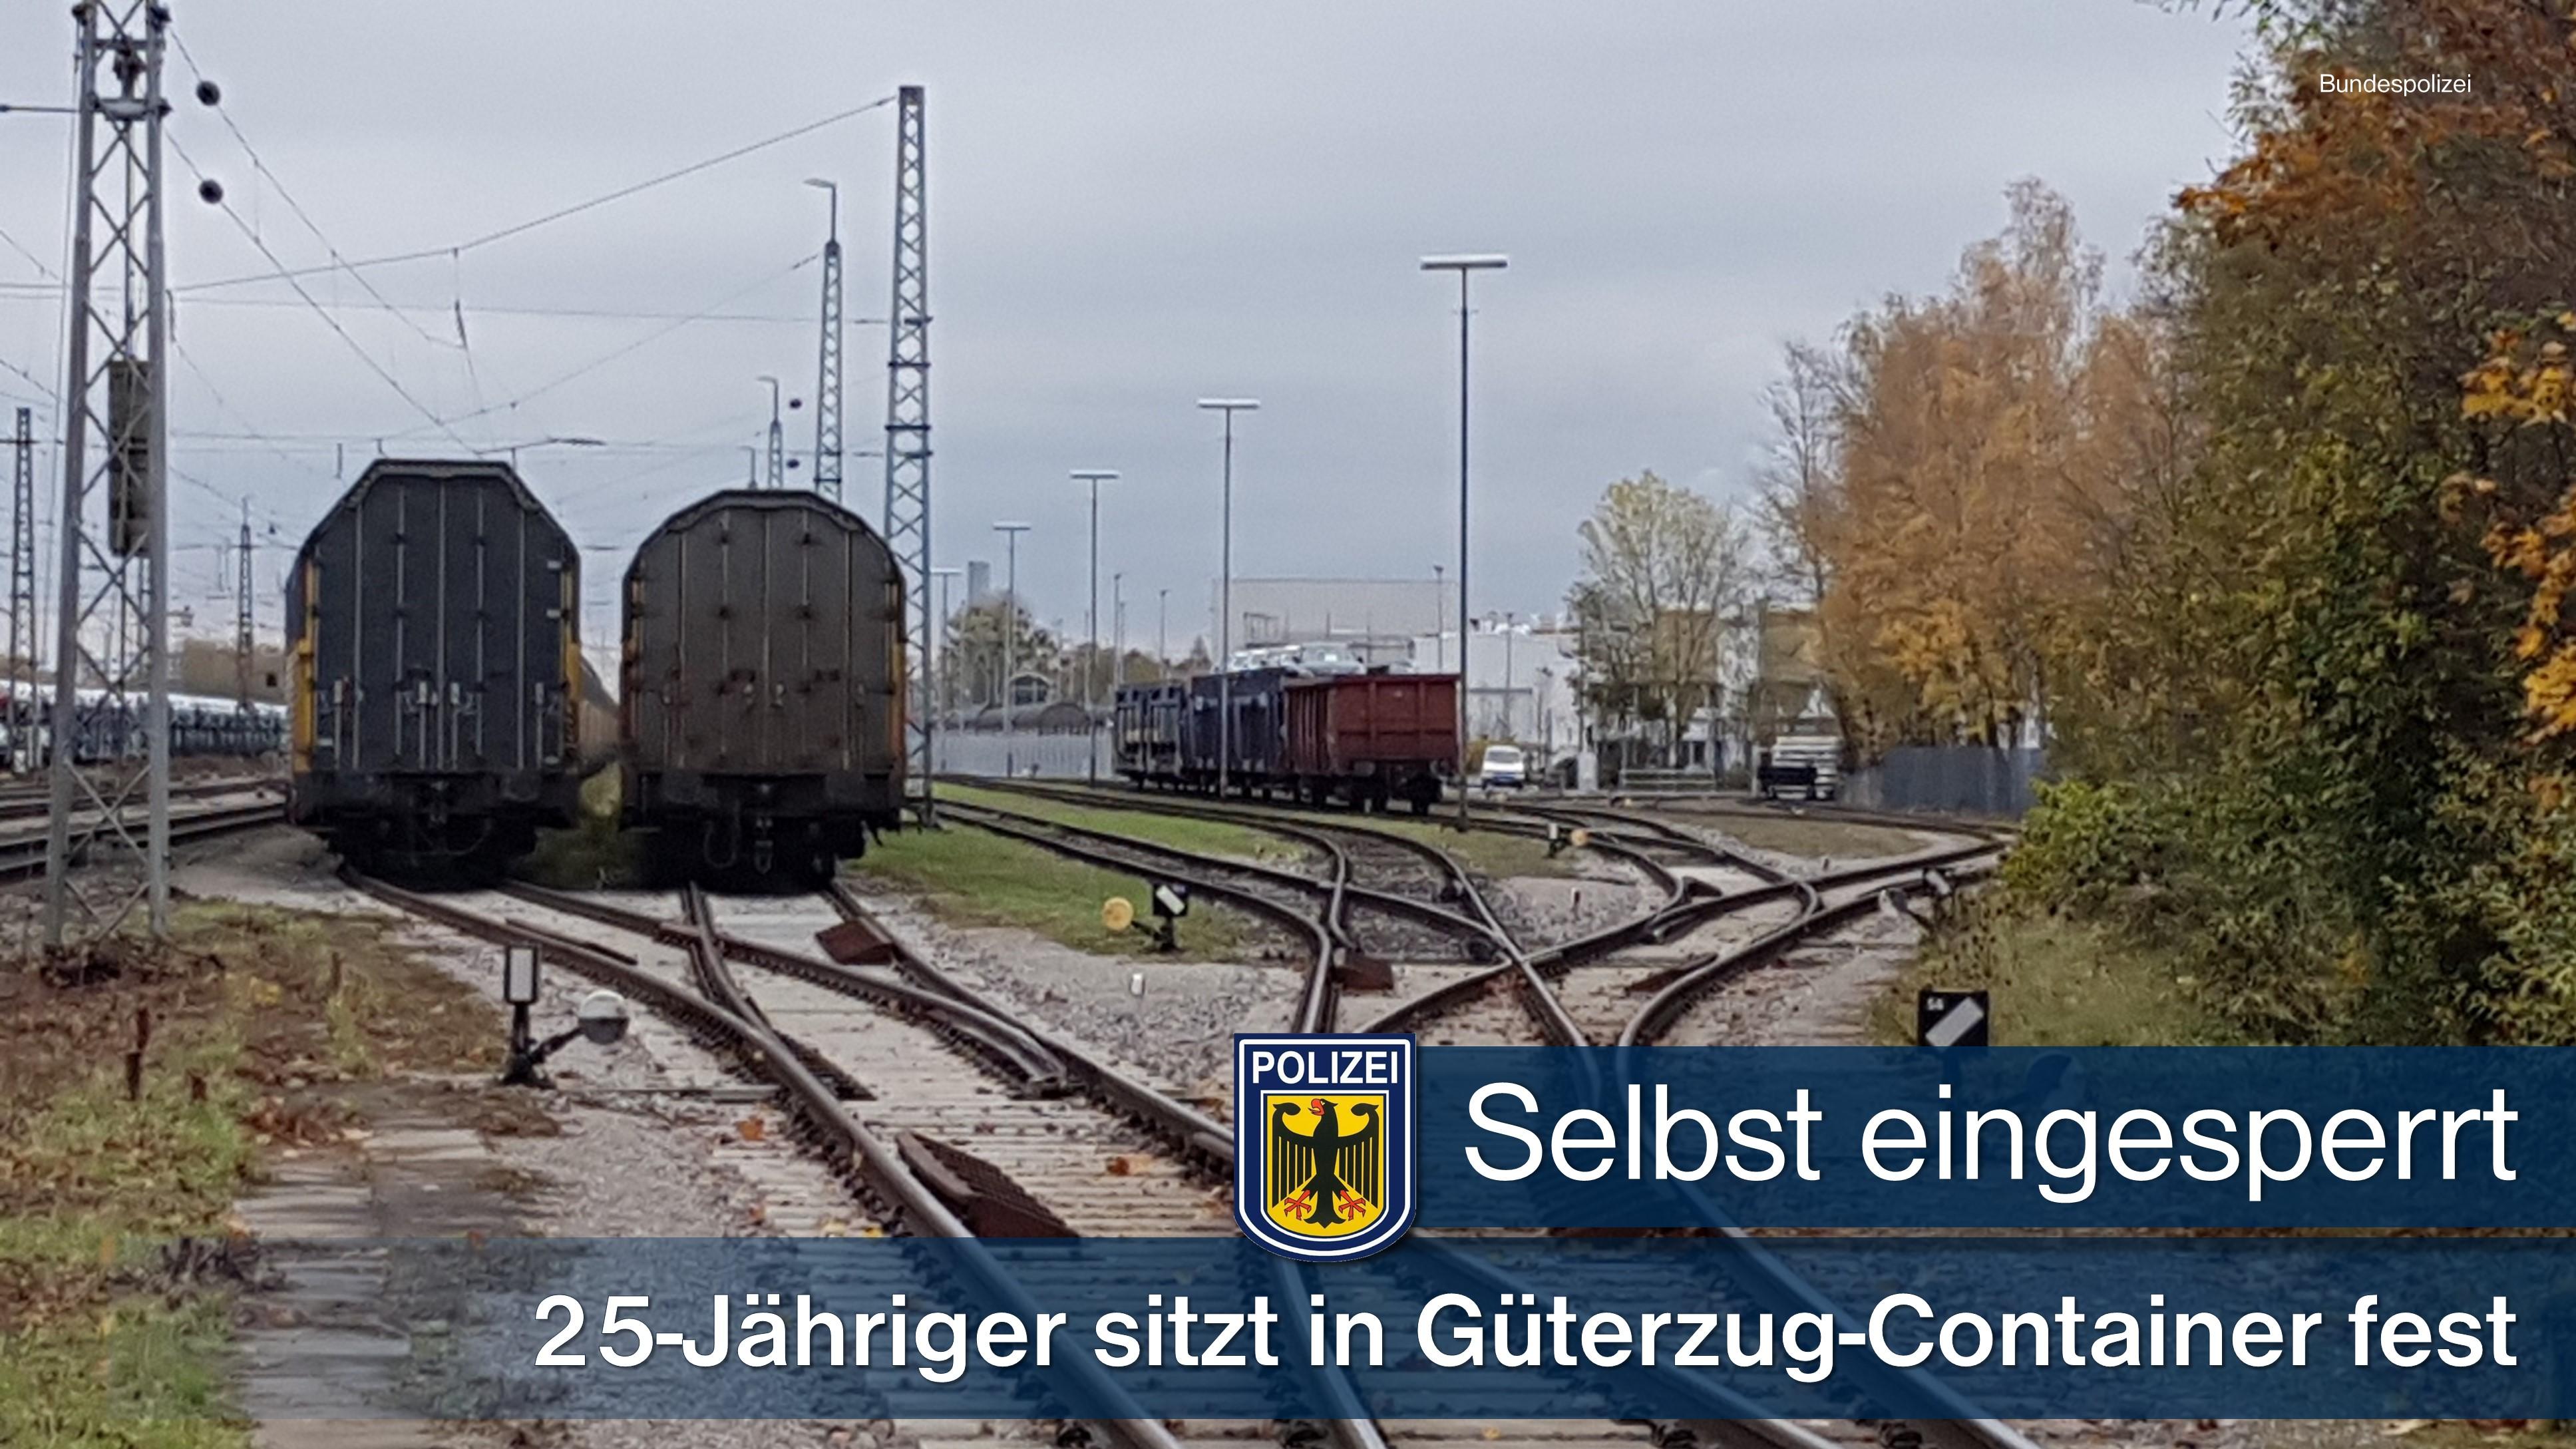 München: Betrunkener sitzt in Zugcontainer fest - Polizei befreit ihn